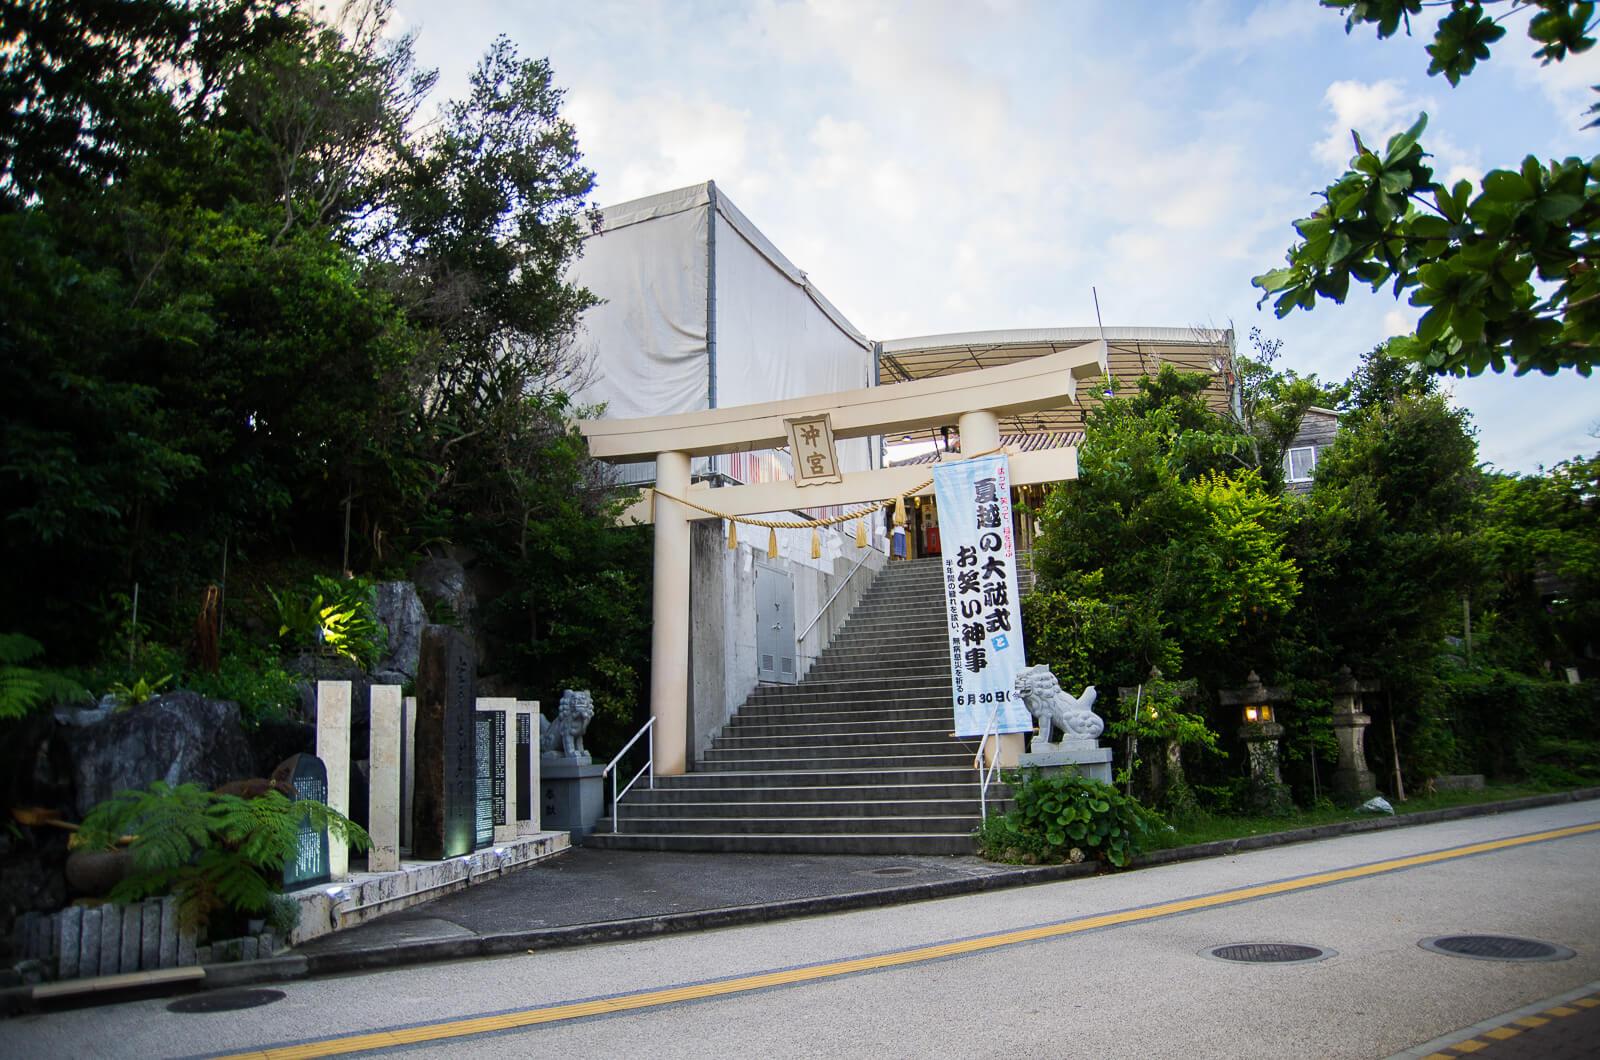 [2020年]沖繩8月怎麼玩?天氣x活動x自由行|沖繩住6年的台灣人整理給你